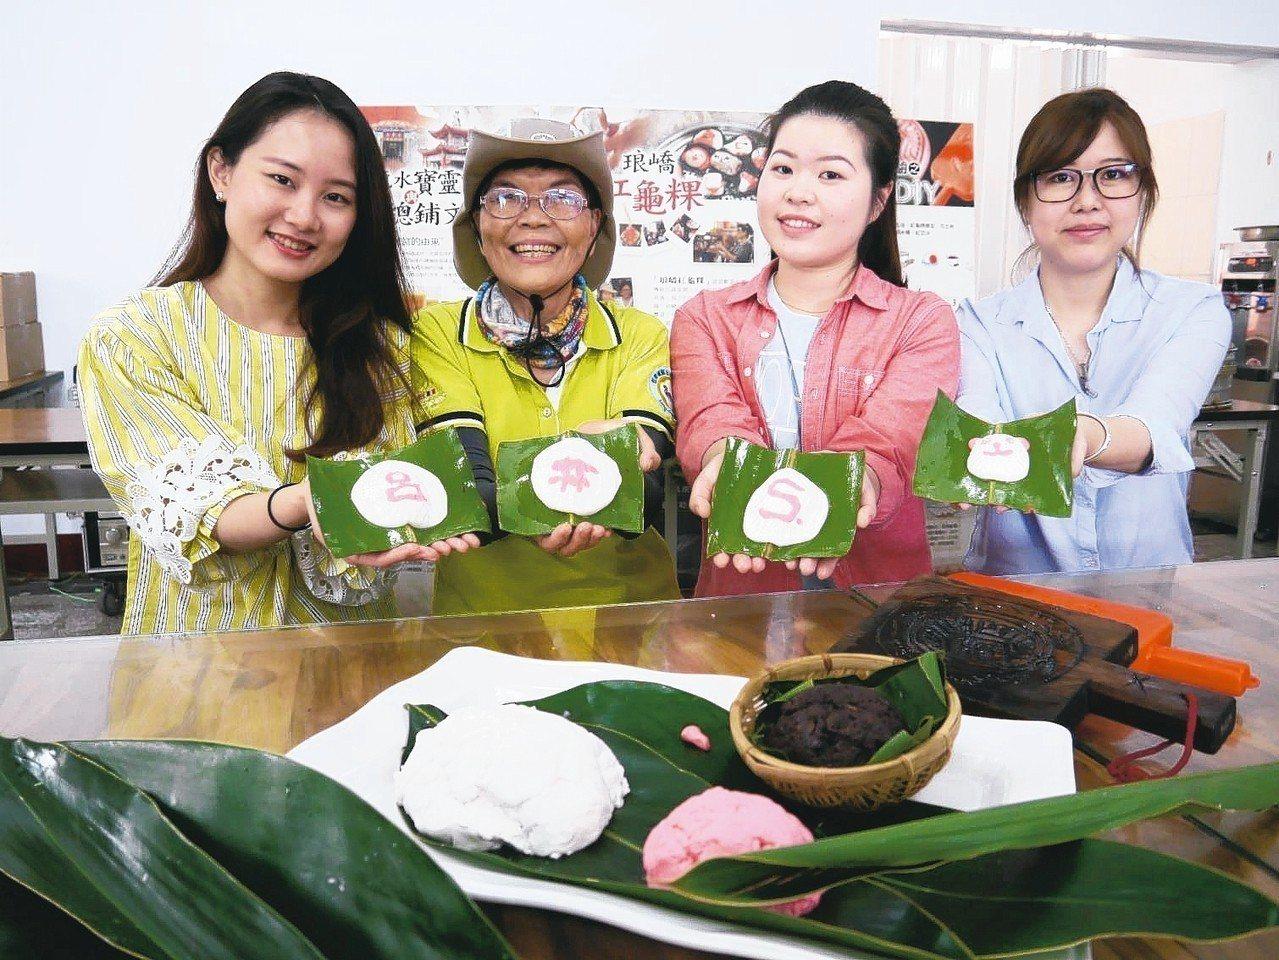 製作紅龜粿,還有達人教作,這款墾丁遊很是另類有趣。 記者羅建怡/攝影